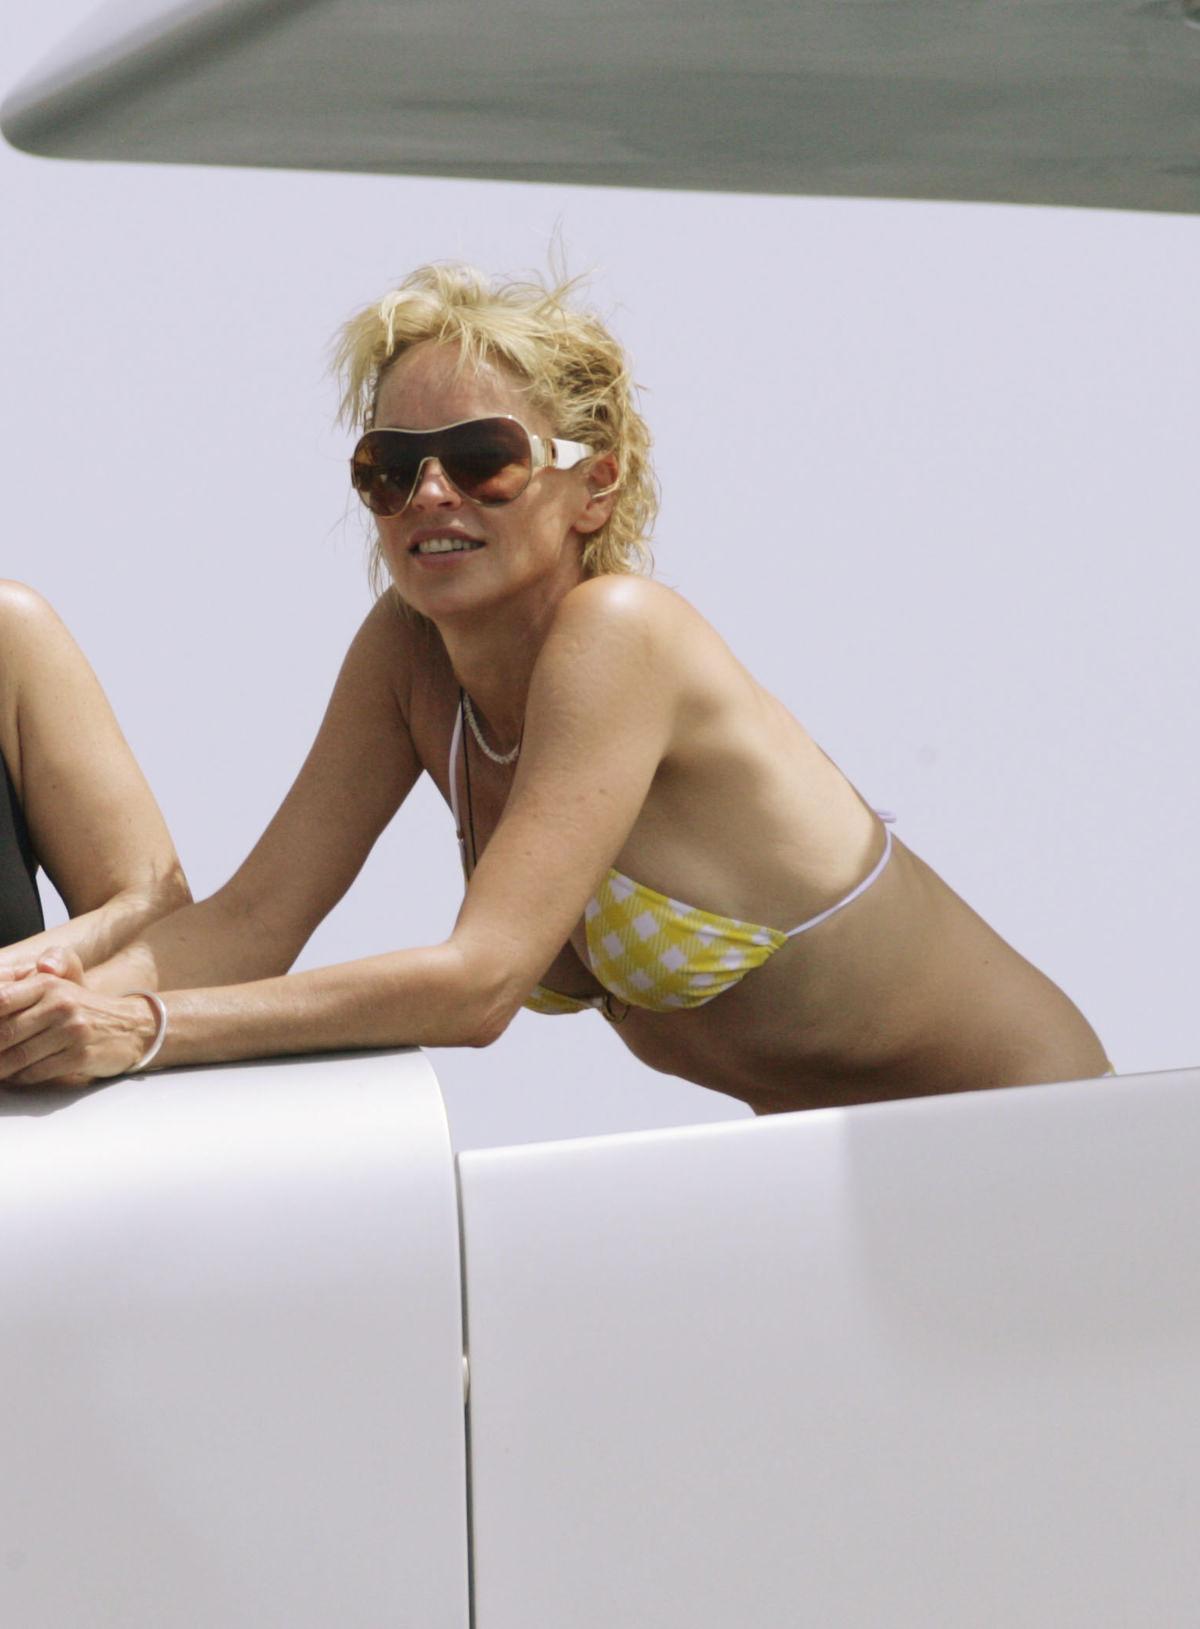 sharon-stone-bikini-002.jpg